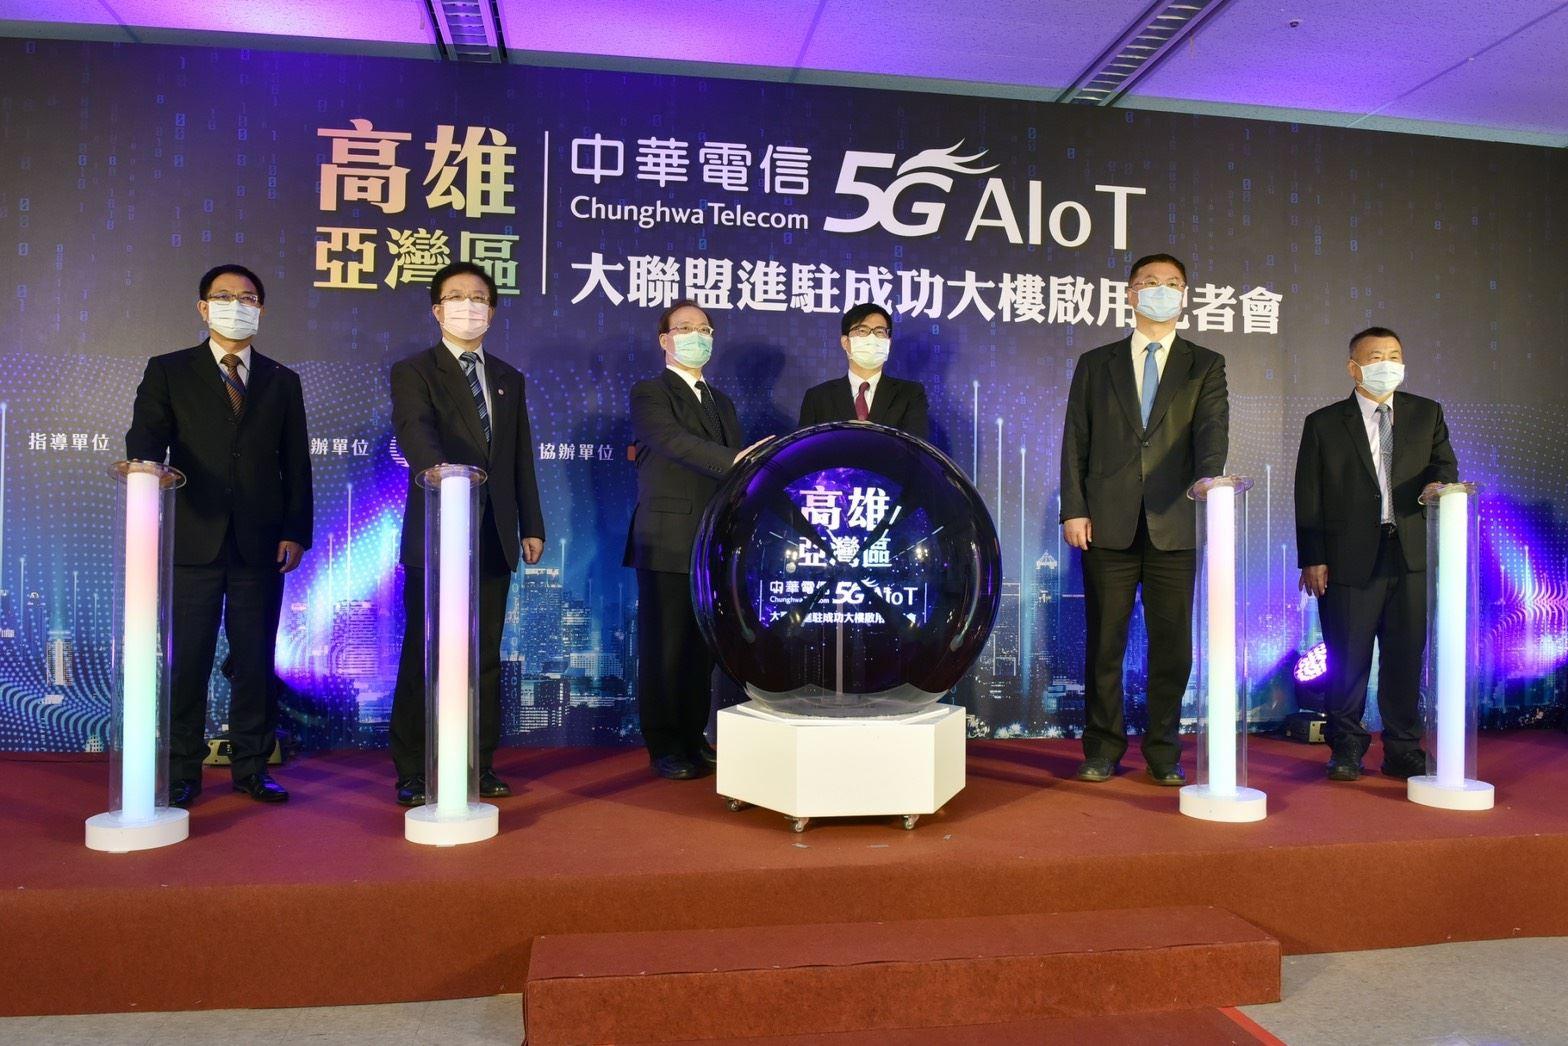 1100408中華電信5G AIoT大聯盟進駐啟用_通稿 (2).jpg